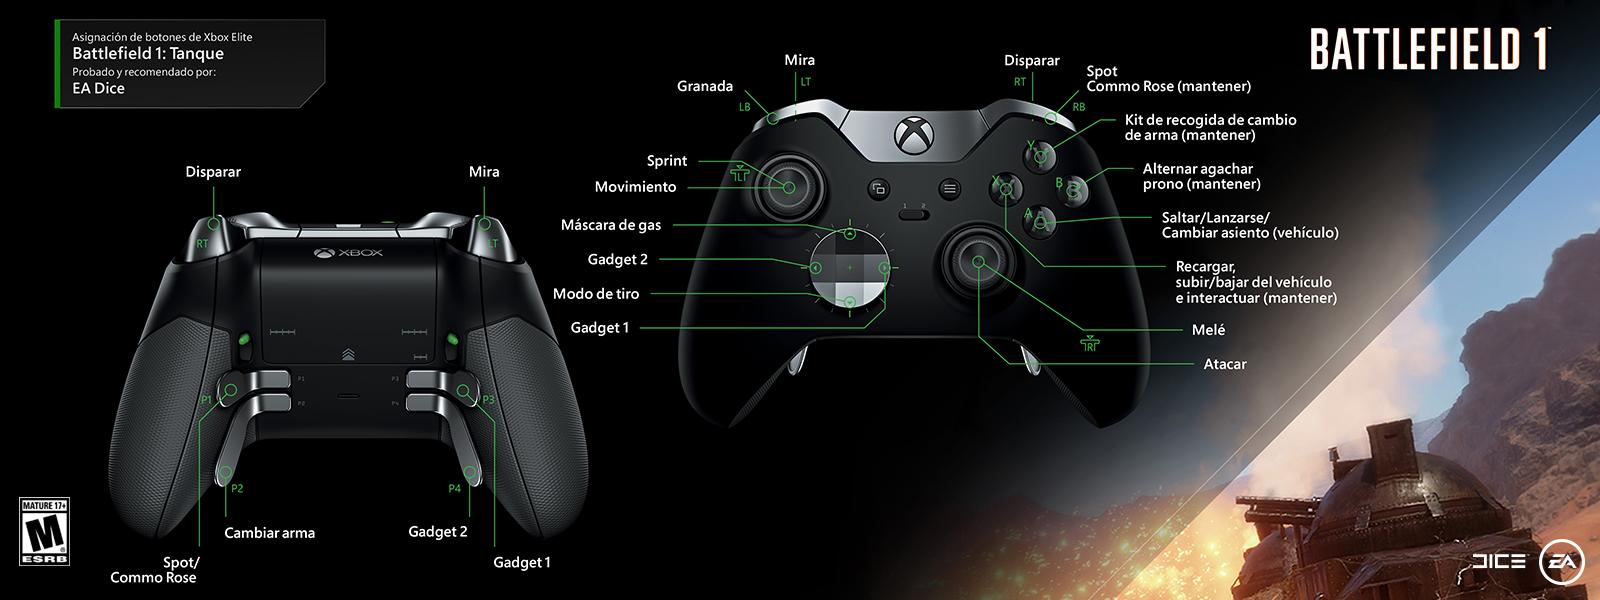 Battlefield 1: tanque (asignación de funciones del control Elite)